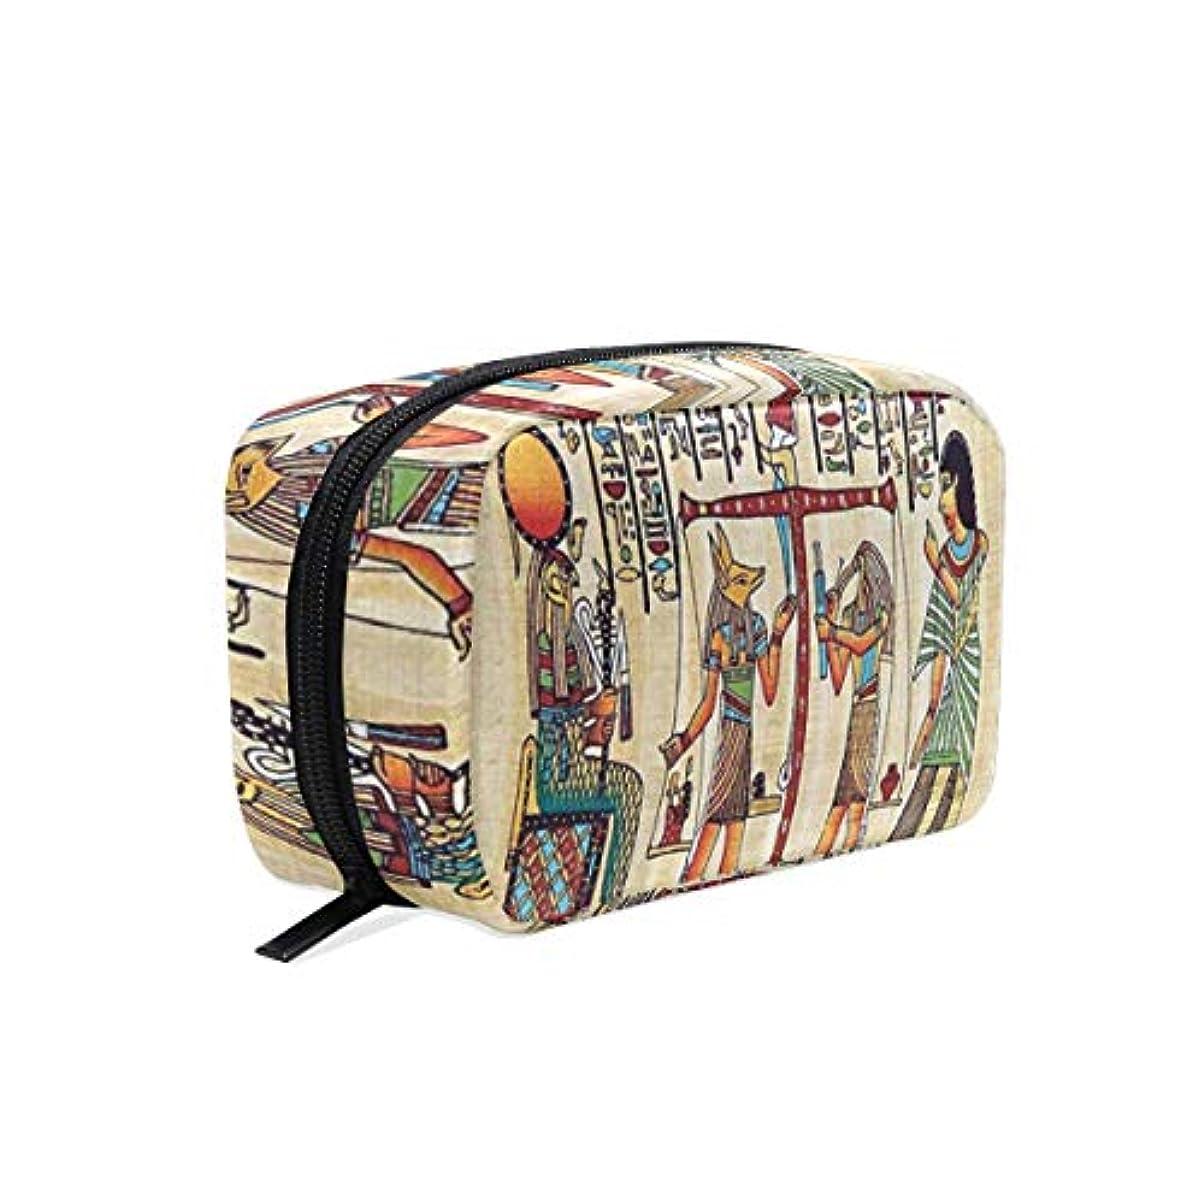 原告等しい船酔いCW-Story エジプト装飾 女性の化粧ポーチ コスメケース 旅行 化粧品 収納 雑貨 小物入れ 出張用バック 超軽量 機能的 大容量